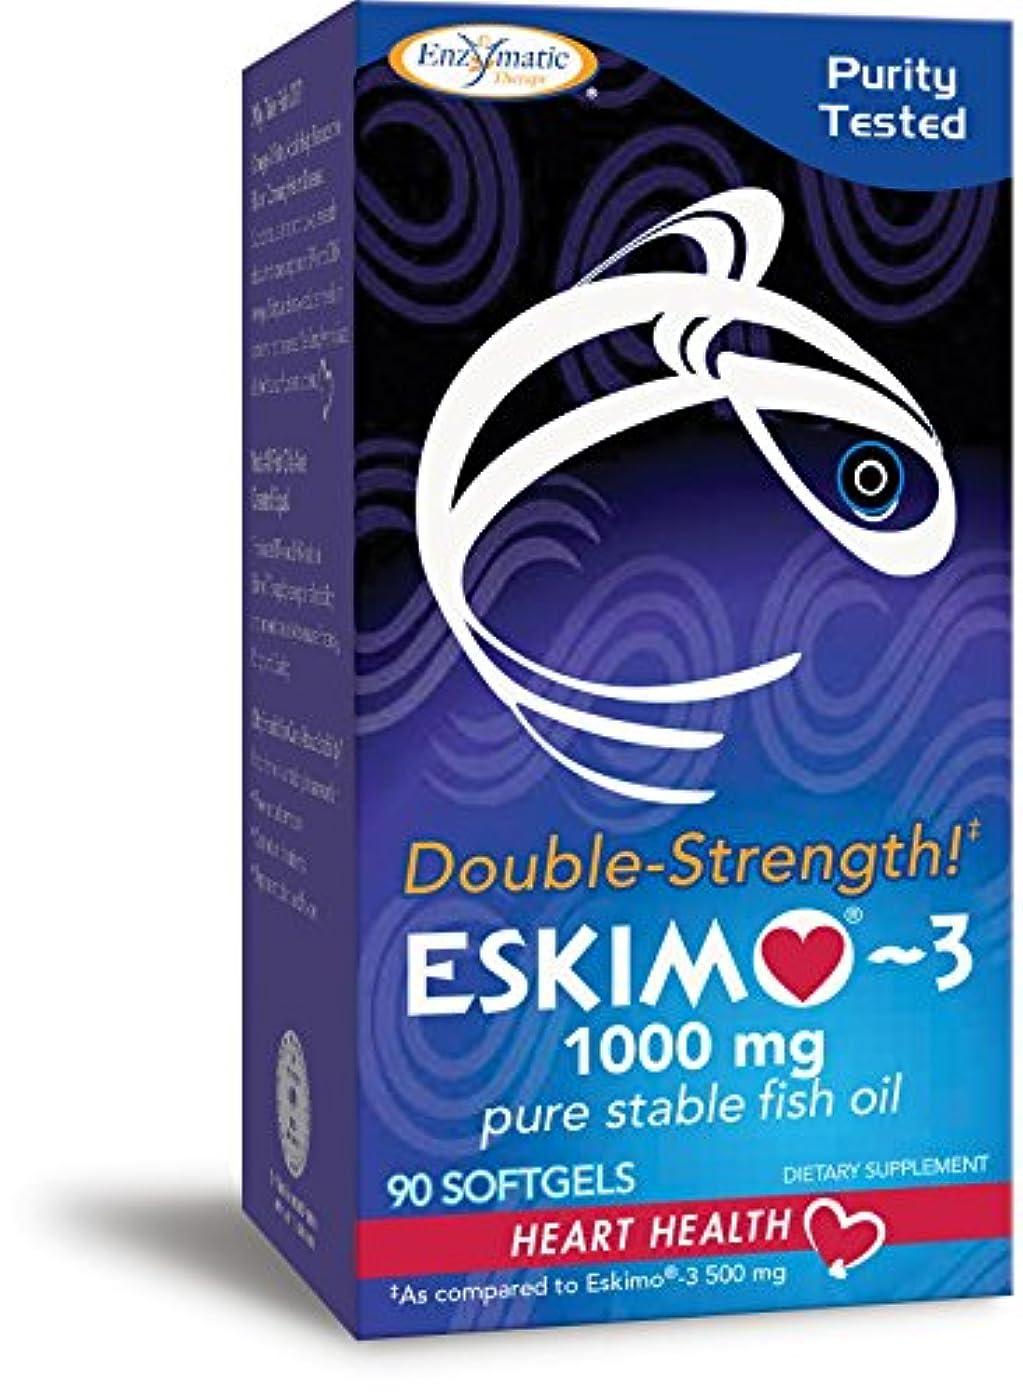 授業料ディプロマ皮海外直送品 Enzymatic Therapy Eskimo-3 Double-Strength, Double Strength 90 softgels 1000 Mg